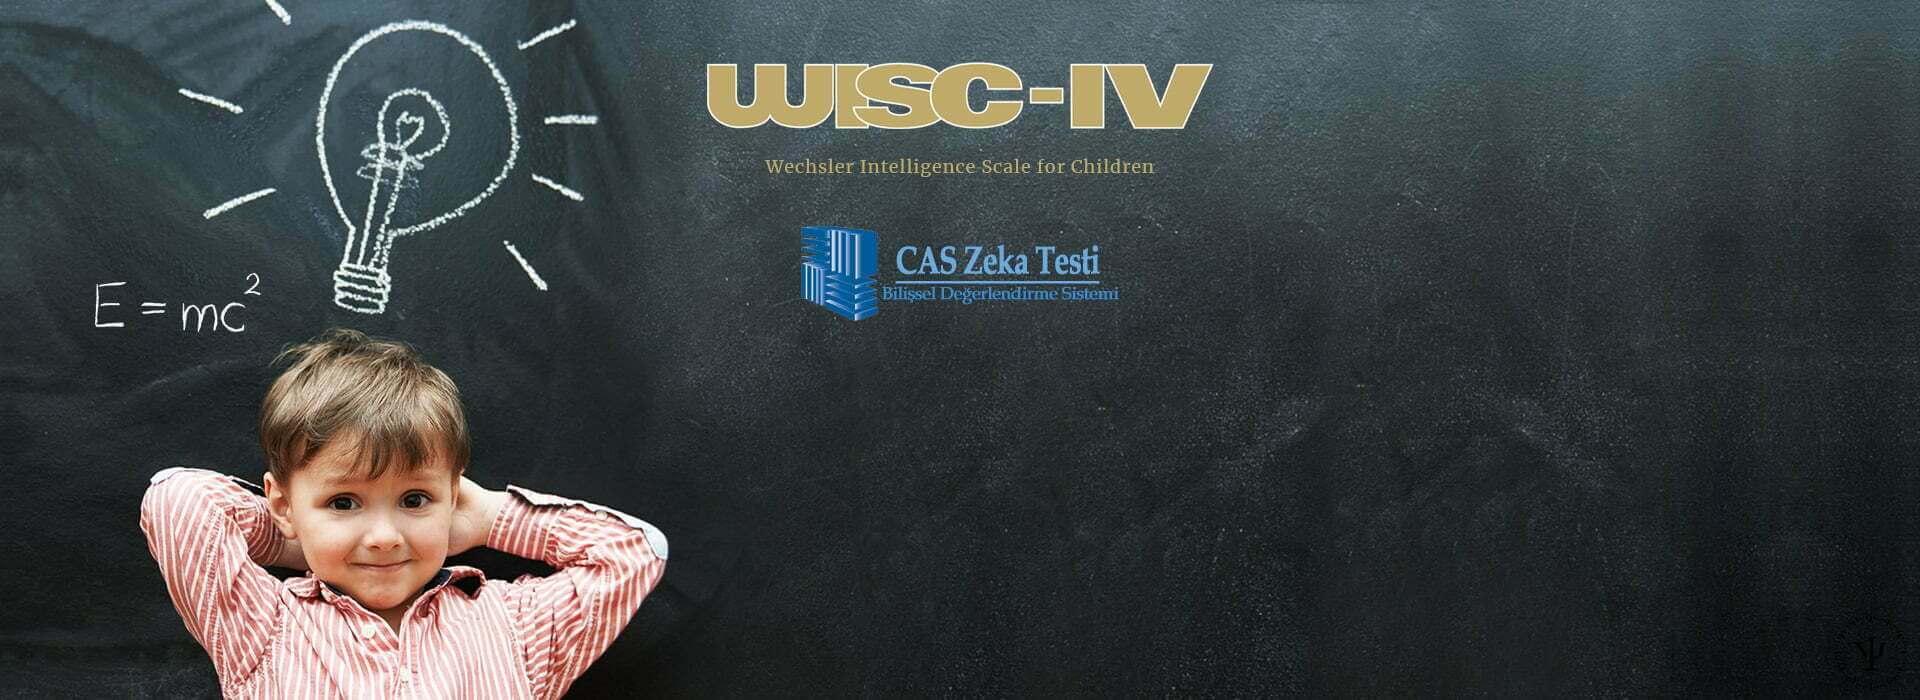 wisc-4 CAS zeka testleri saygın psikoloji